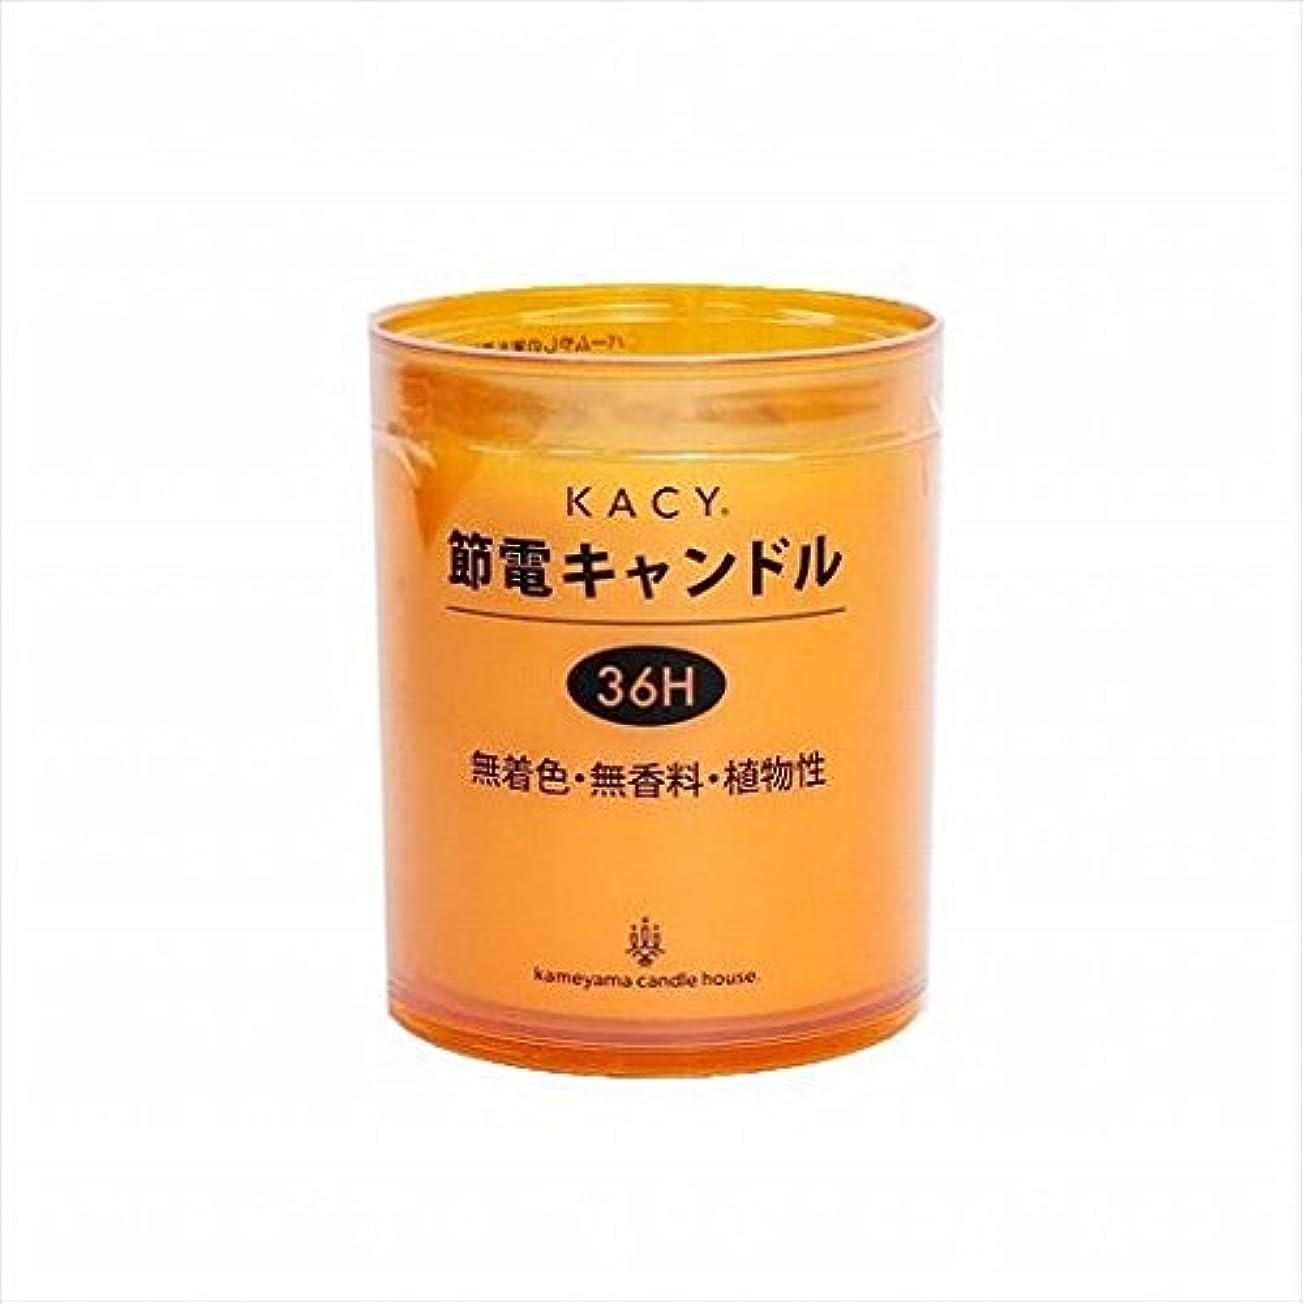 トラクター途方もないピンポイントkameyama candle(カメヤマキャンドル) 節電キャンドル 36時間タイプ 「 オレンジ 」 キャンドル 83x83x100mm (A9610010OR)